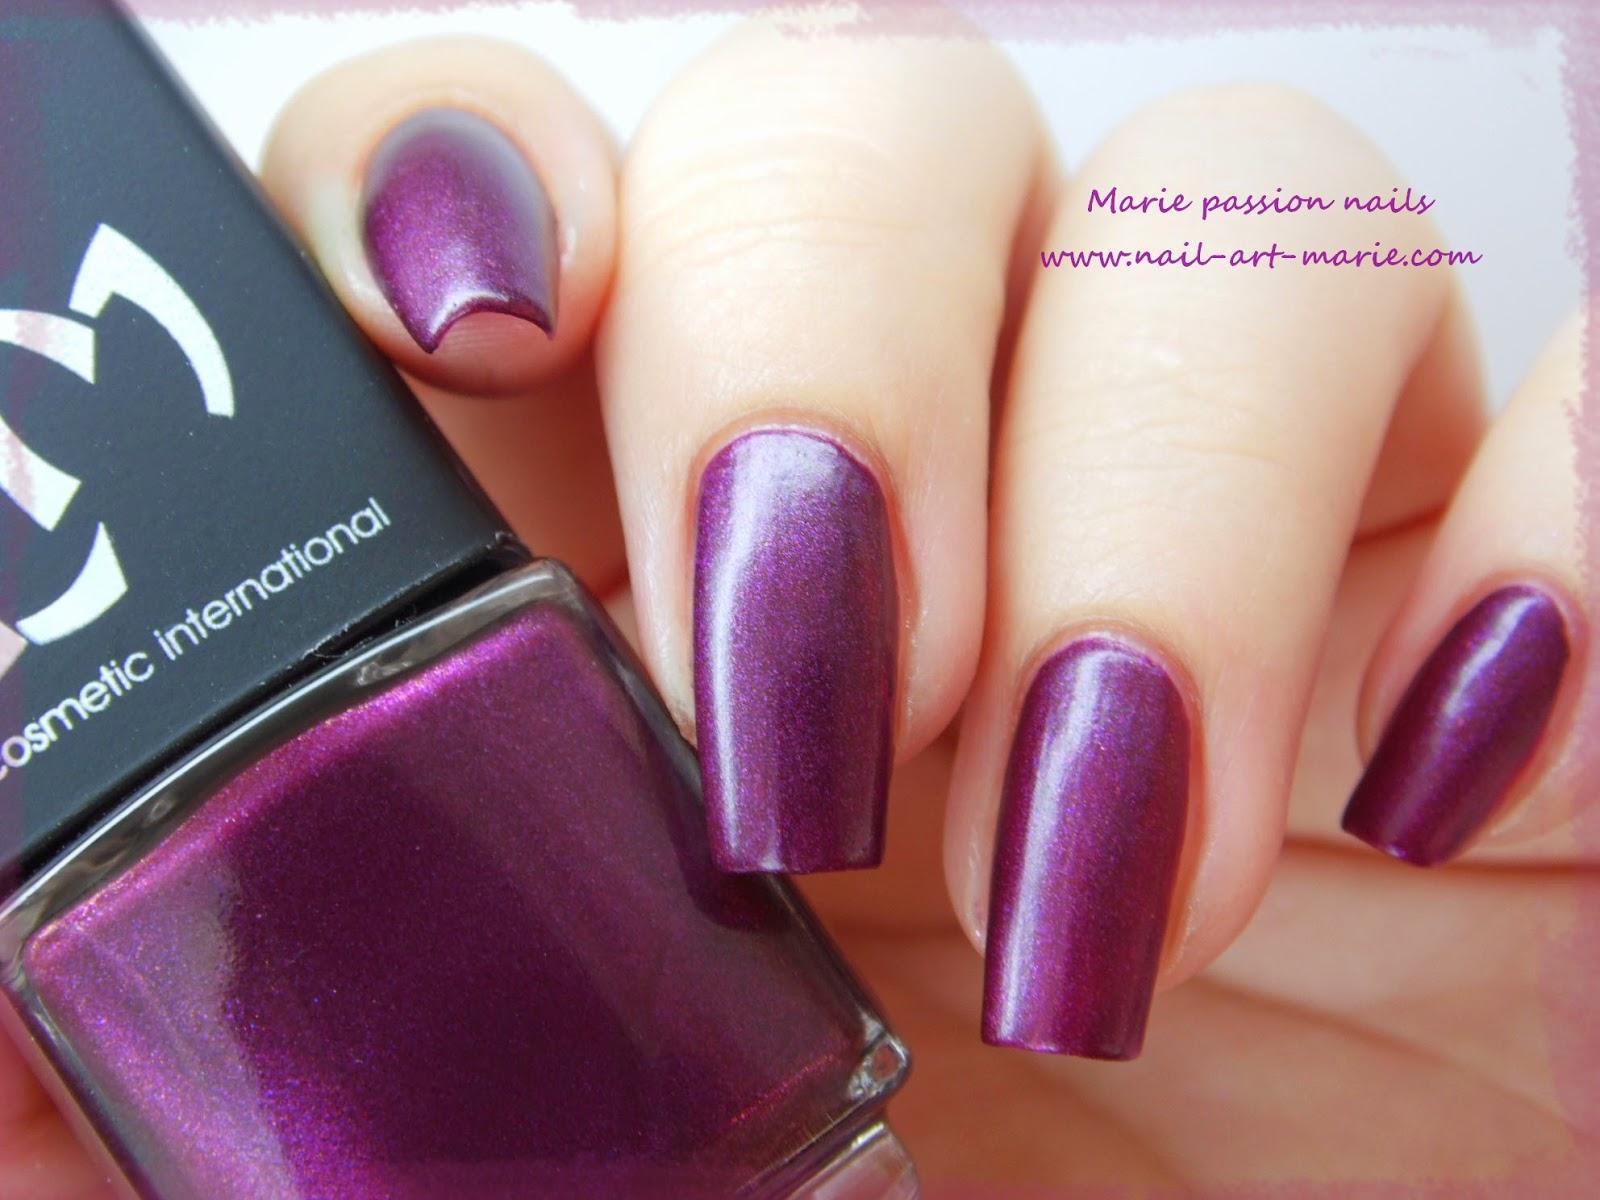 LM Cosmetic Veloura6